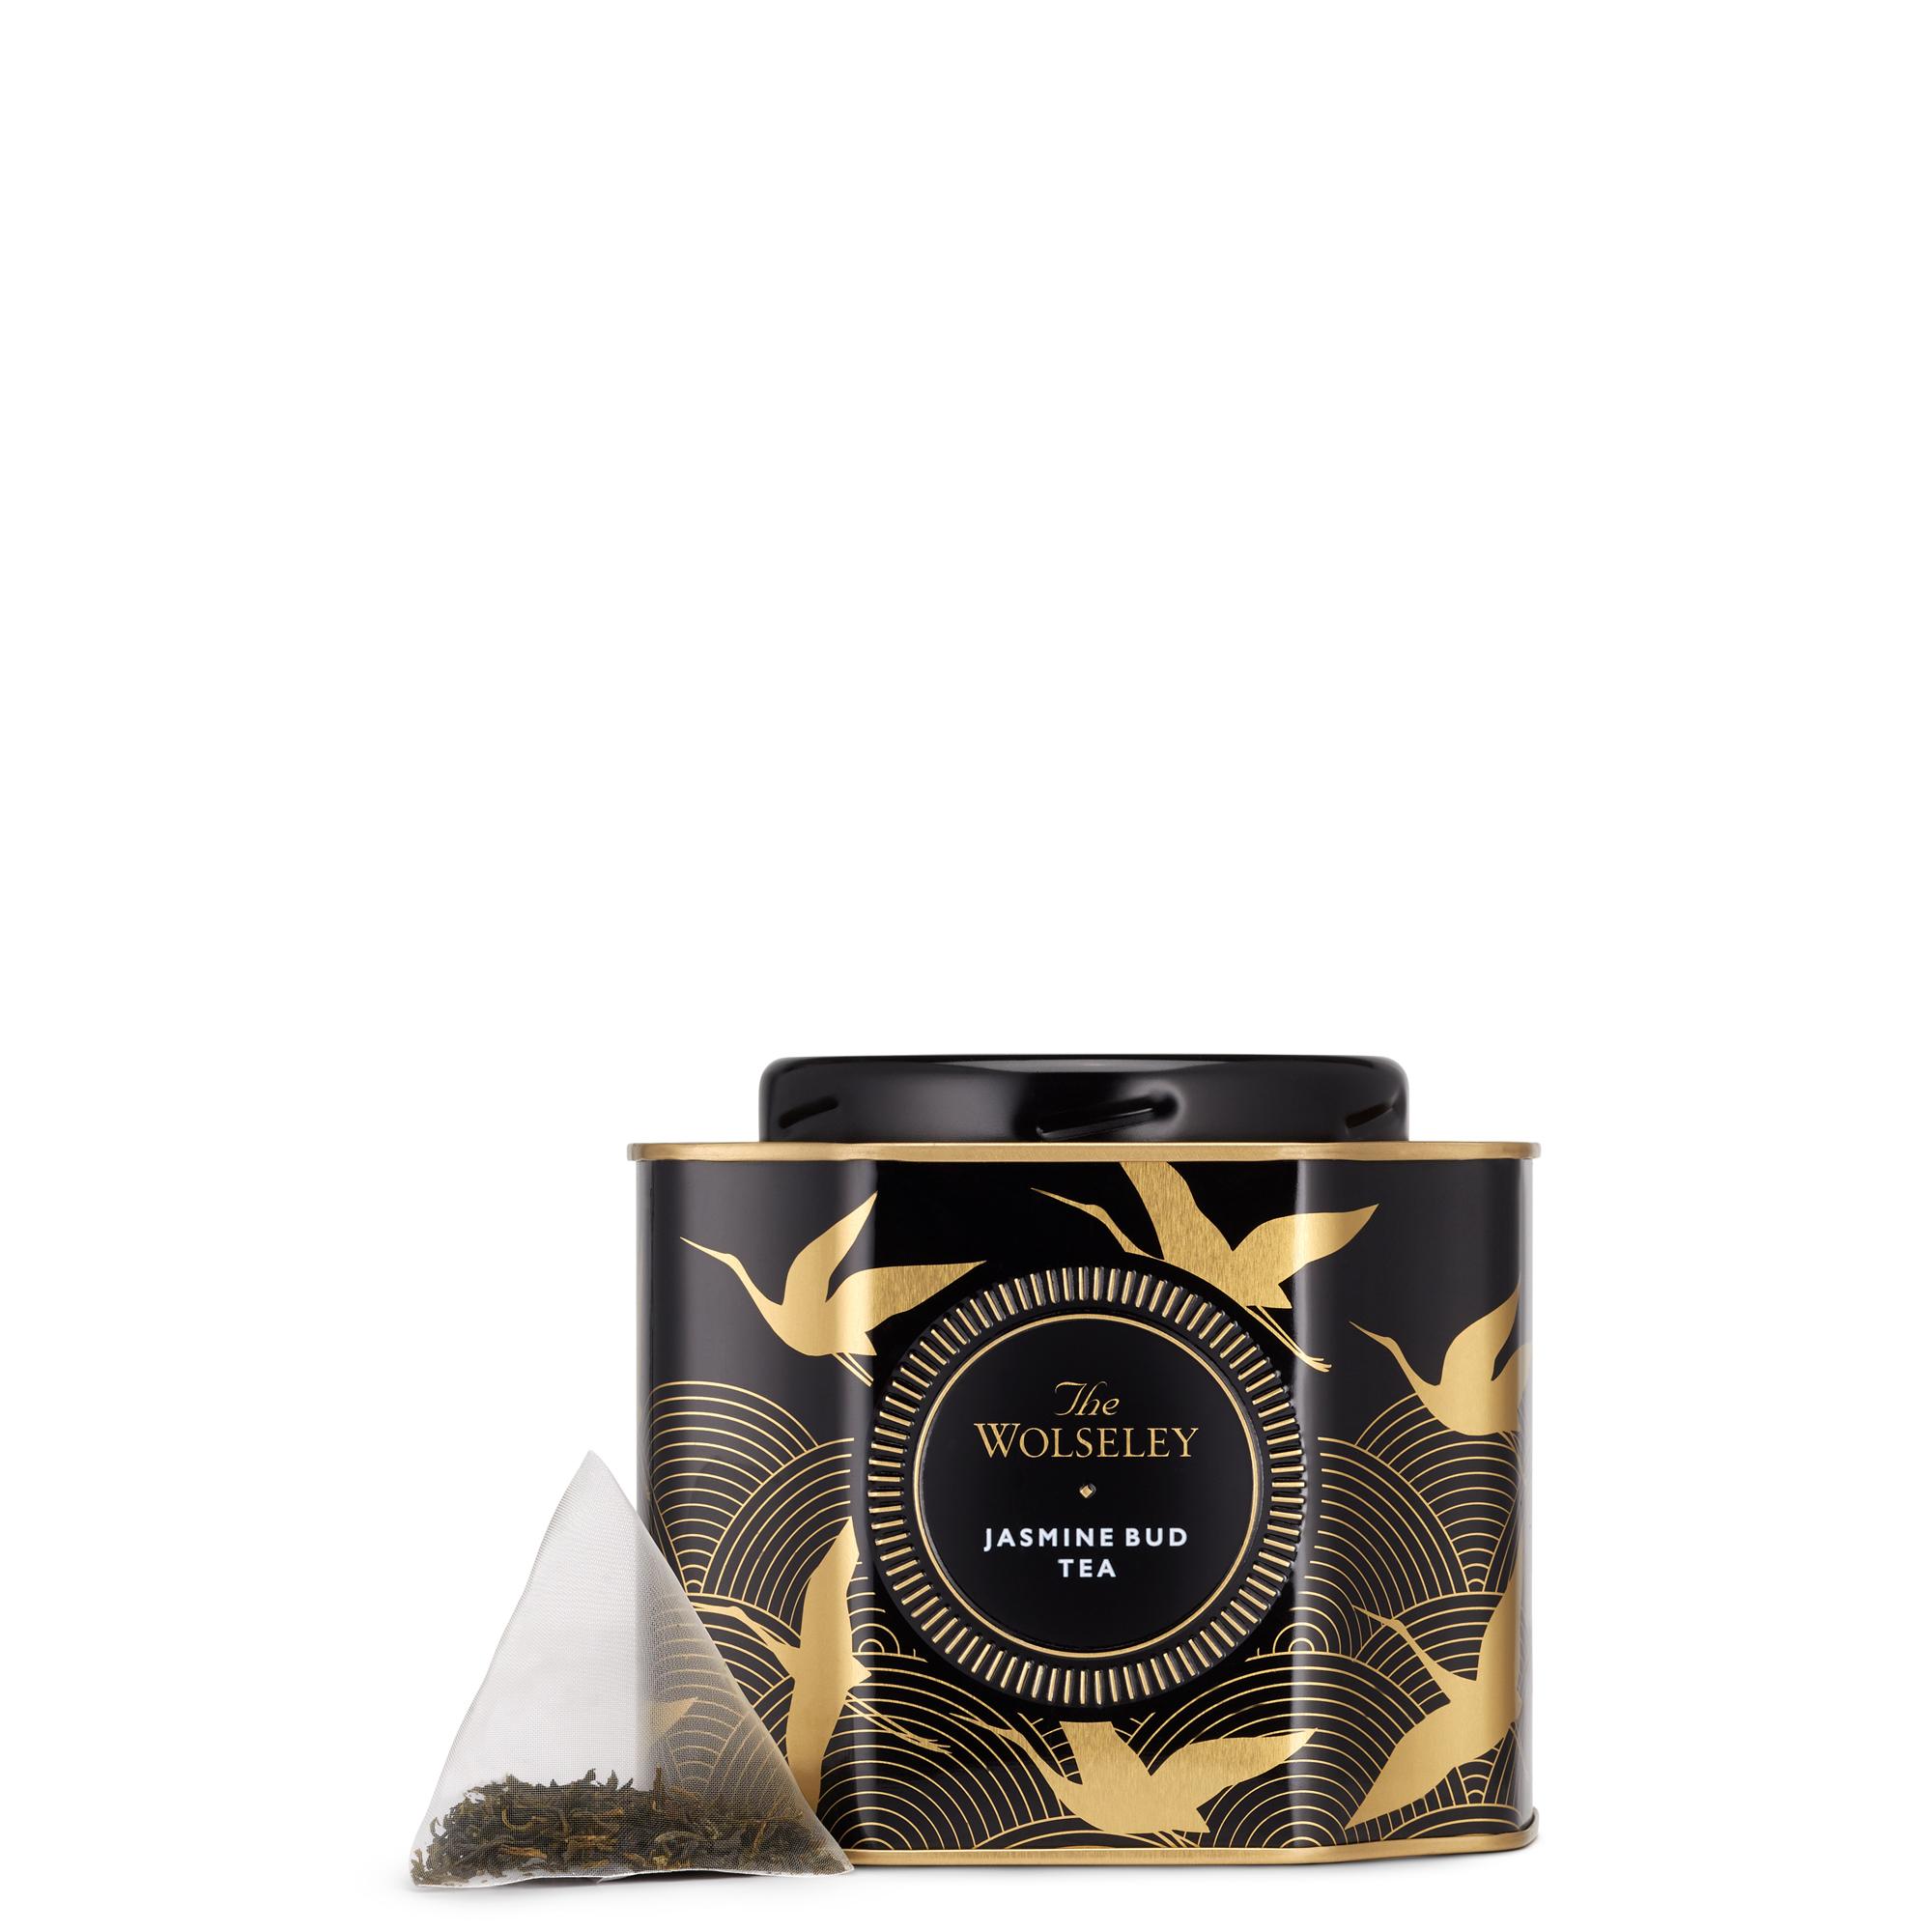 海外の輸入紅茶 イギリス thewolseley Jasmine Bud Tea Caddy  ジャスミンティー